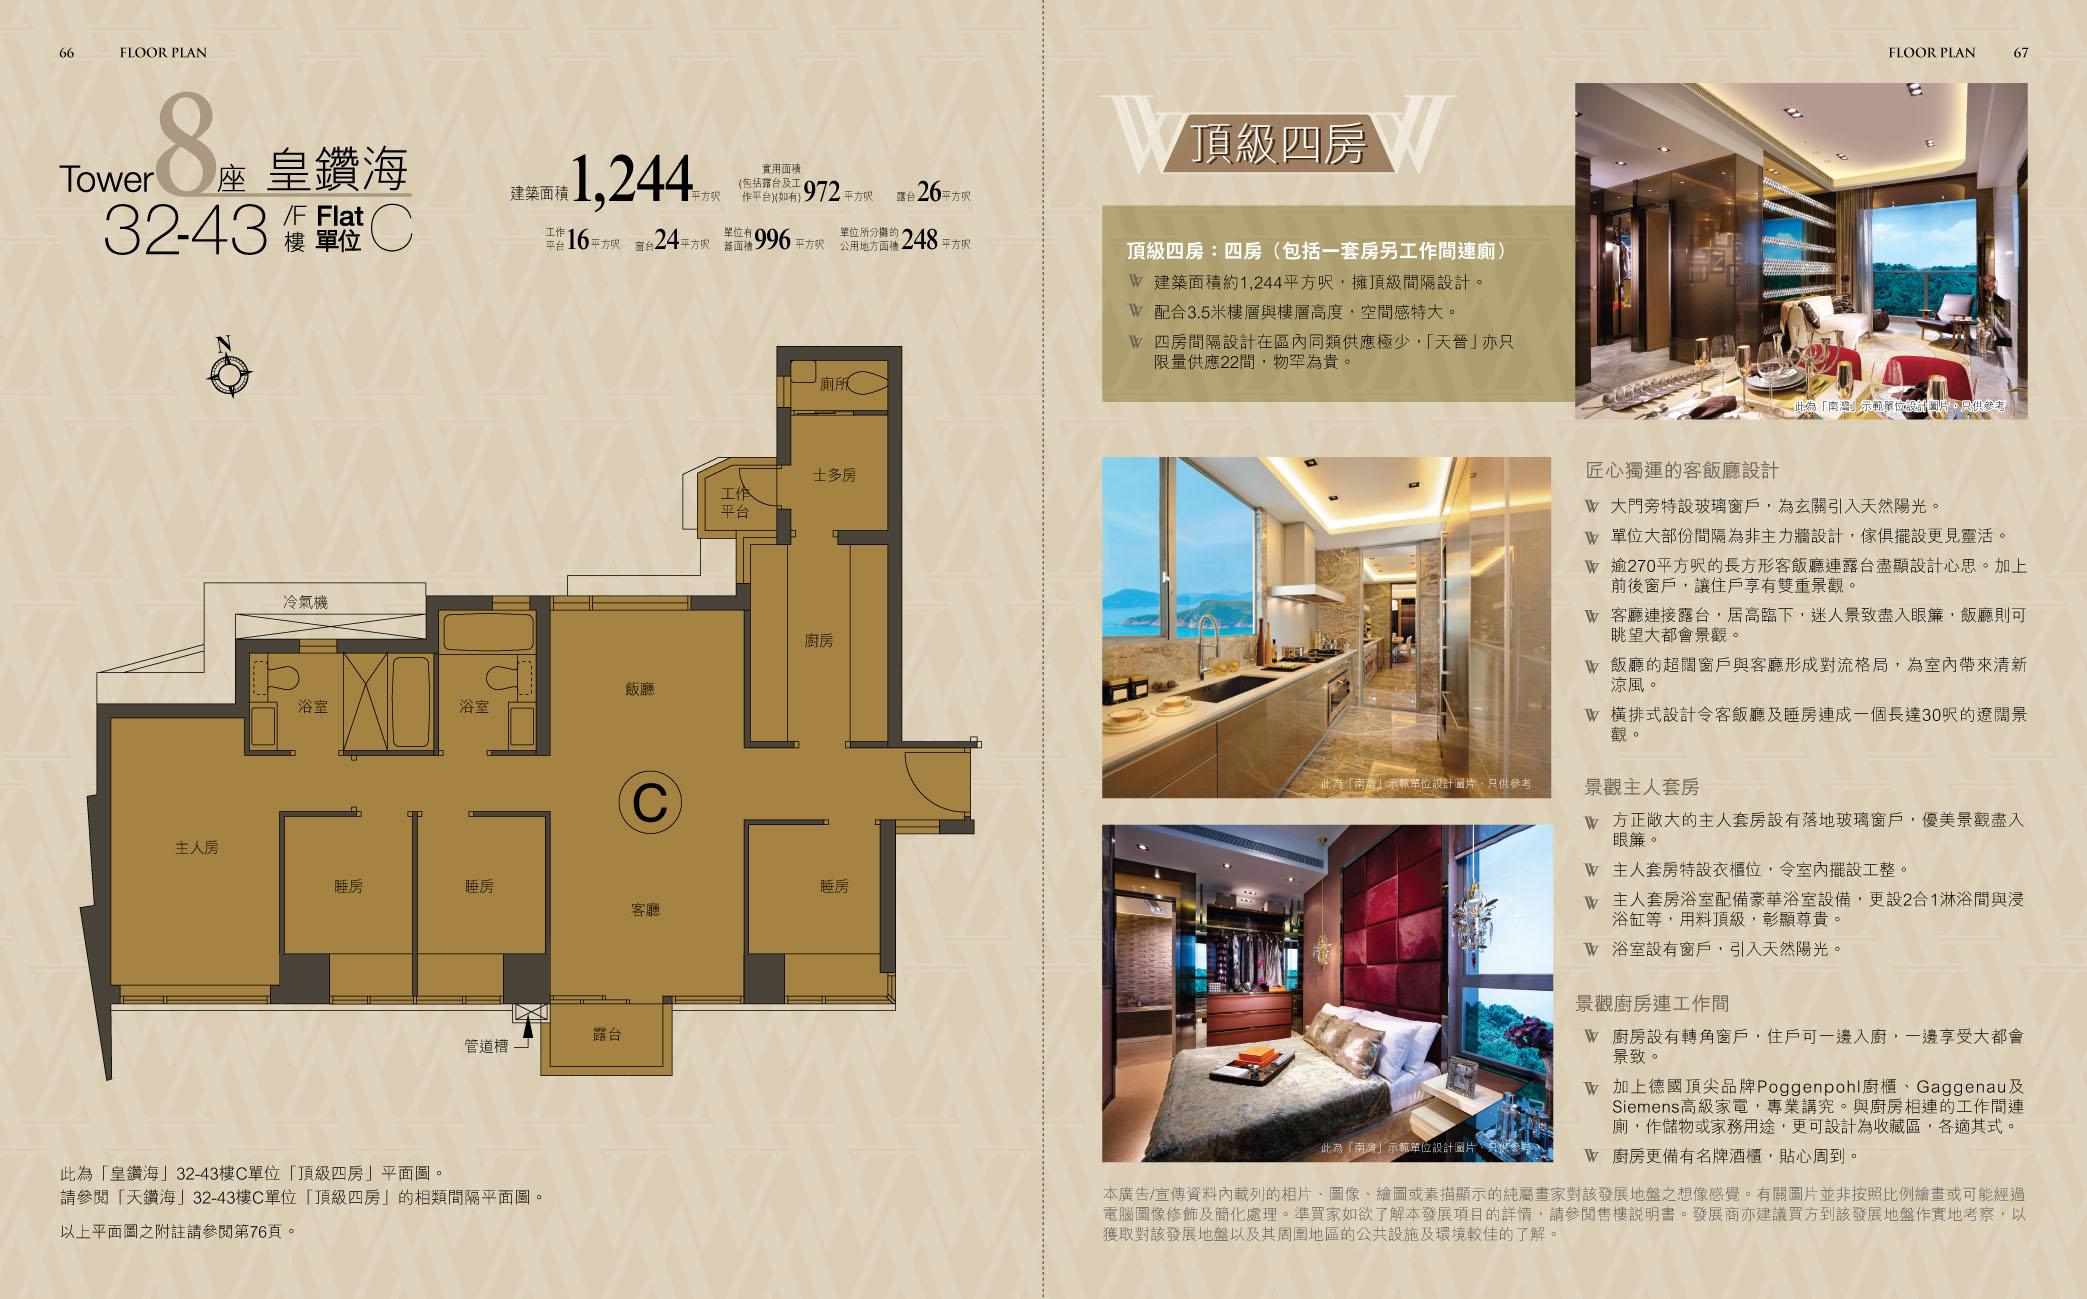 前临壮丽海景,港铁站上盖罕有的顶级住宅项目 .